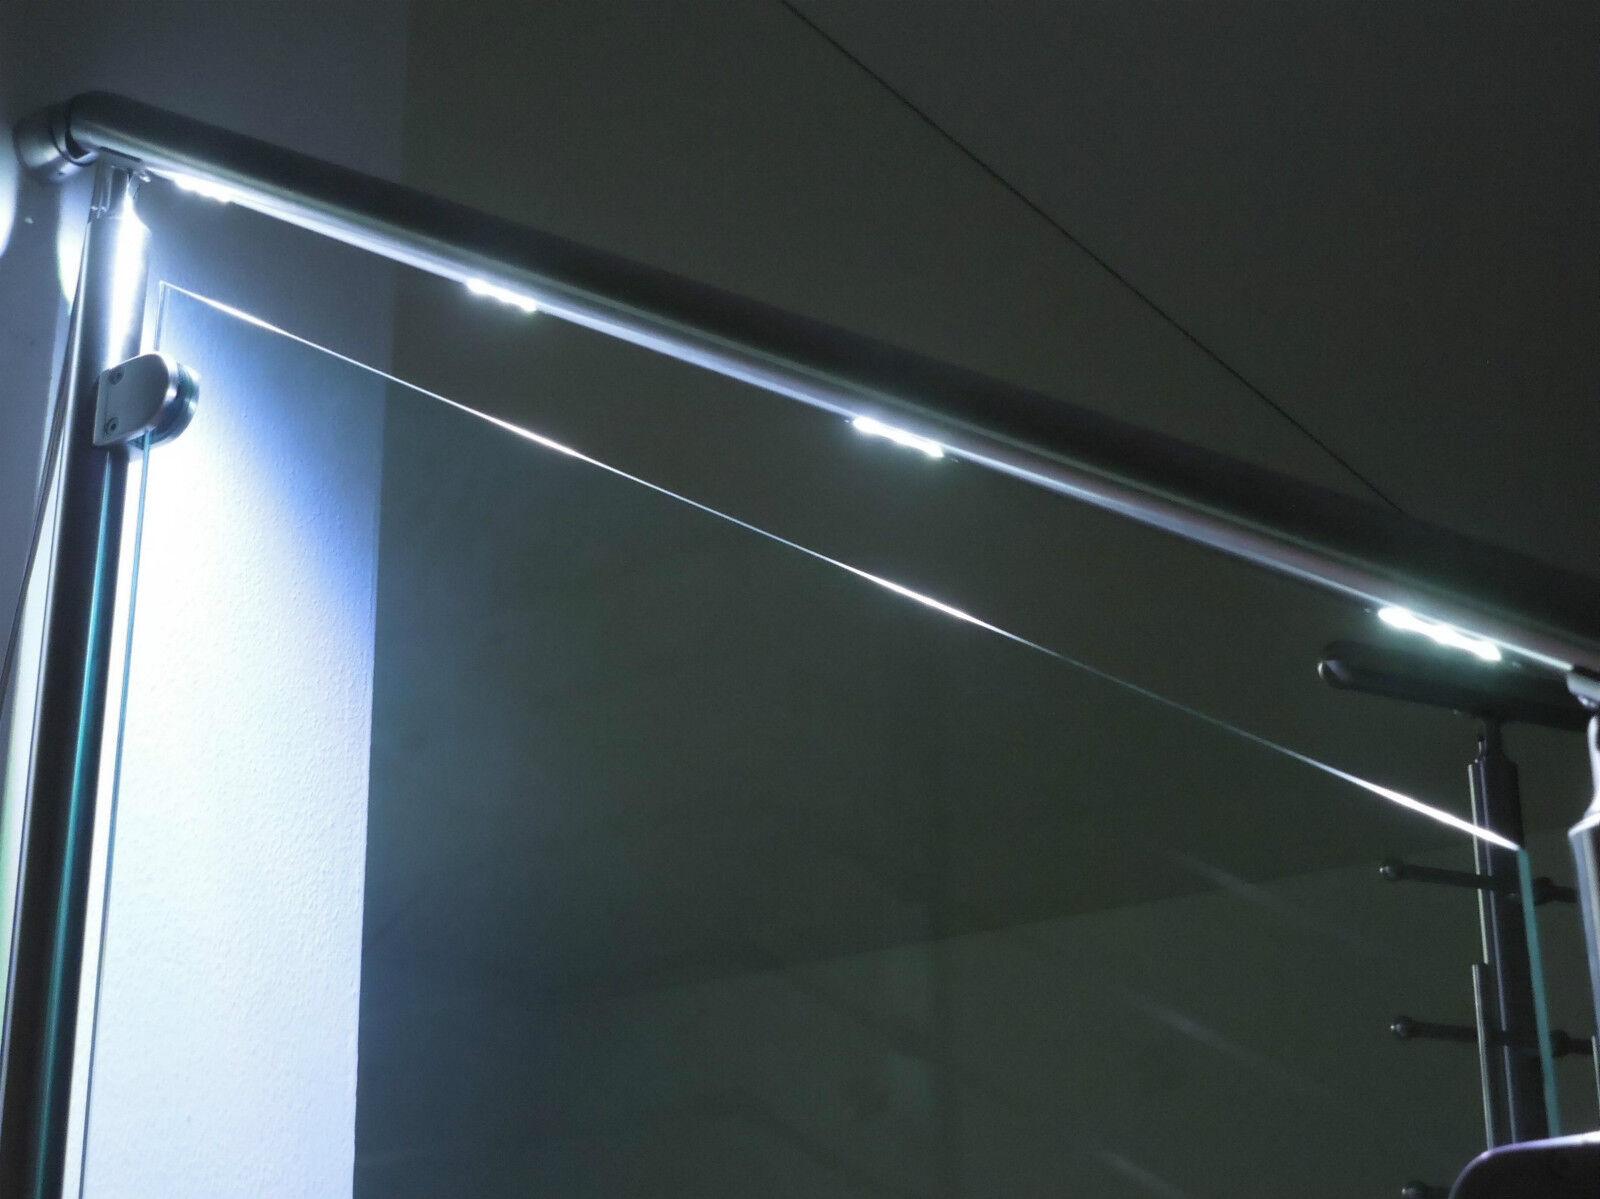 handlauf mit beleuchtung handlauf mit beleuchtung. Black Bedroom Furniture Sets. Home Design Ideas